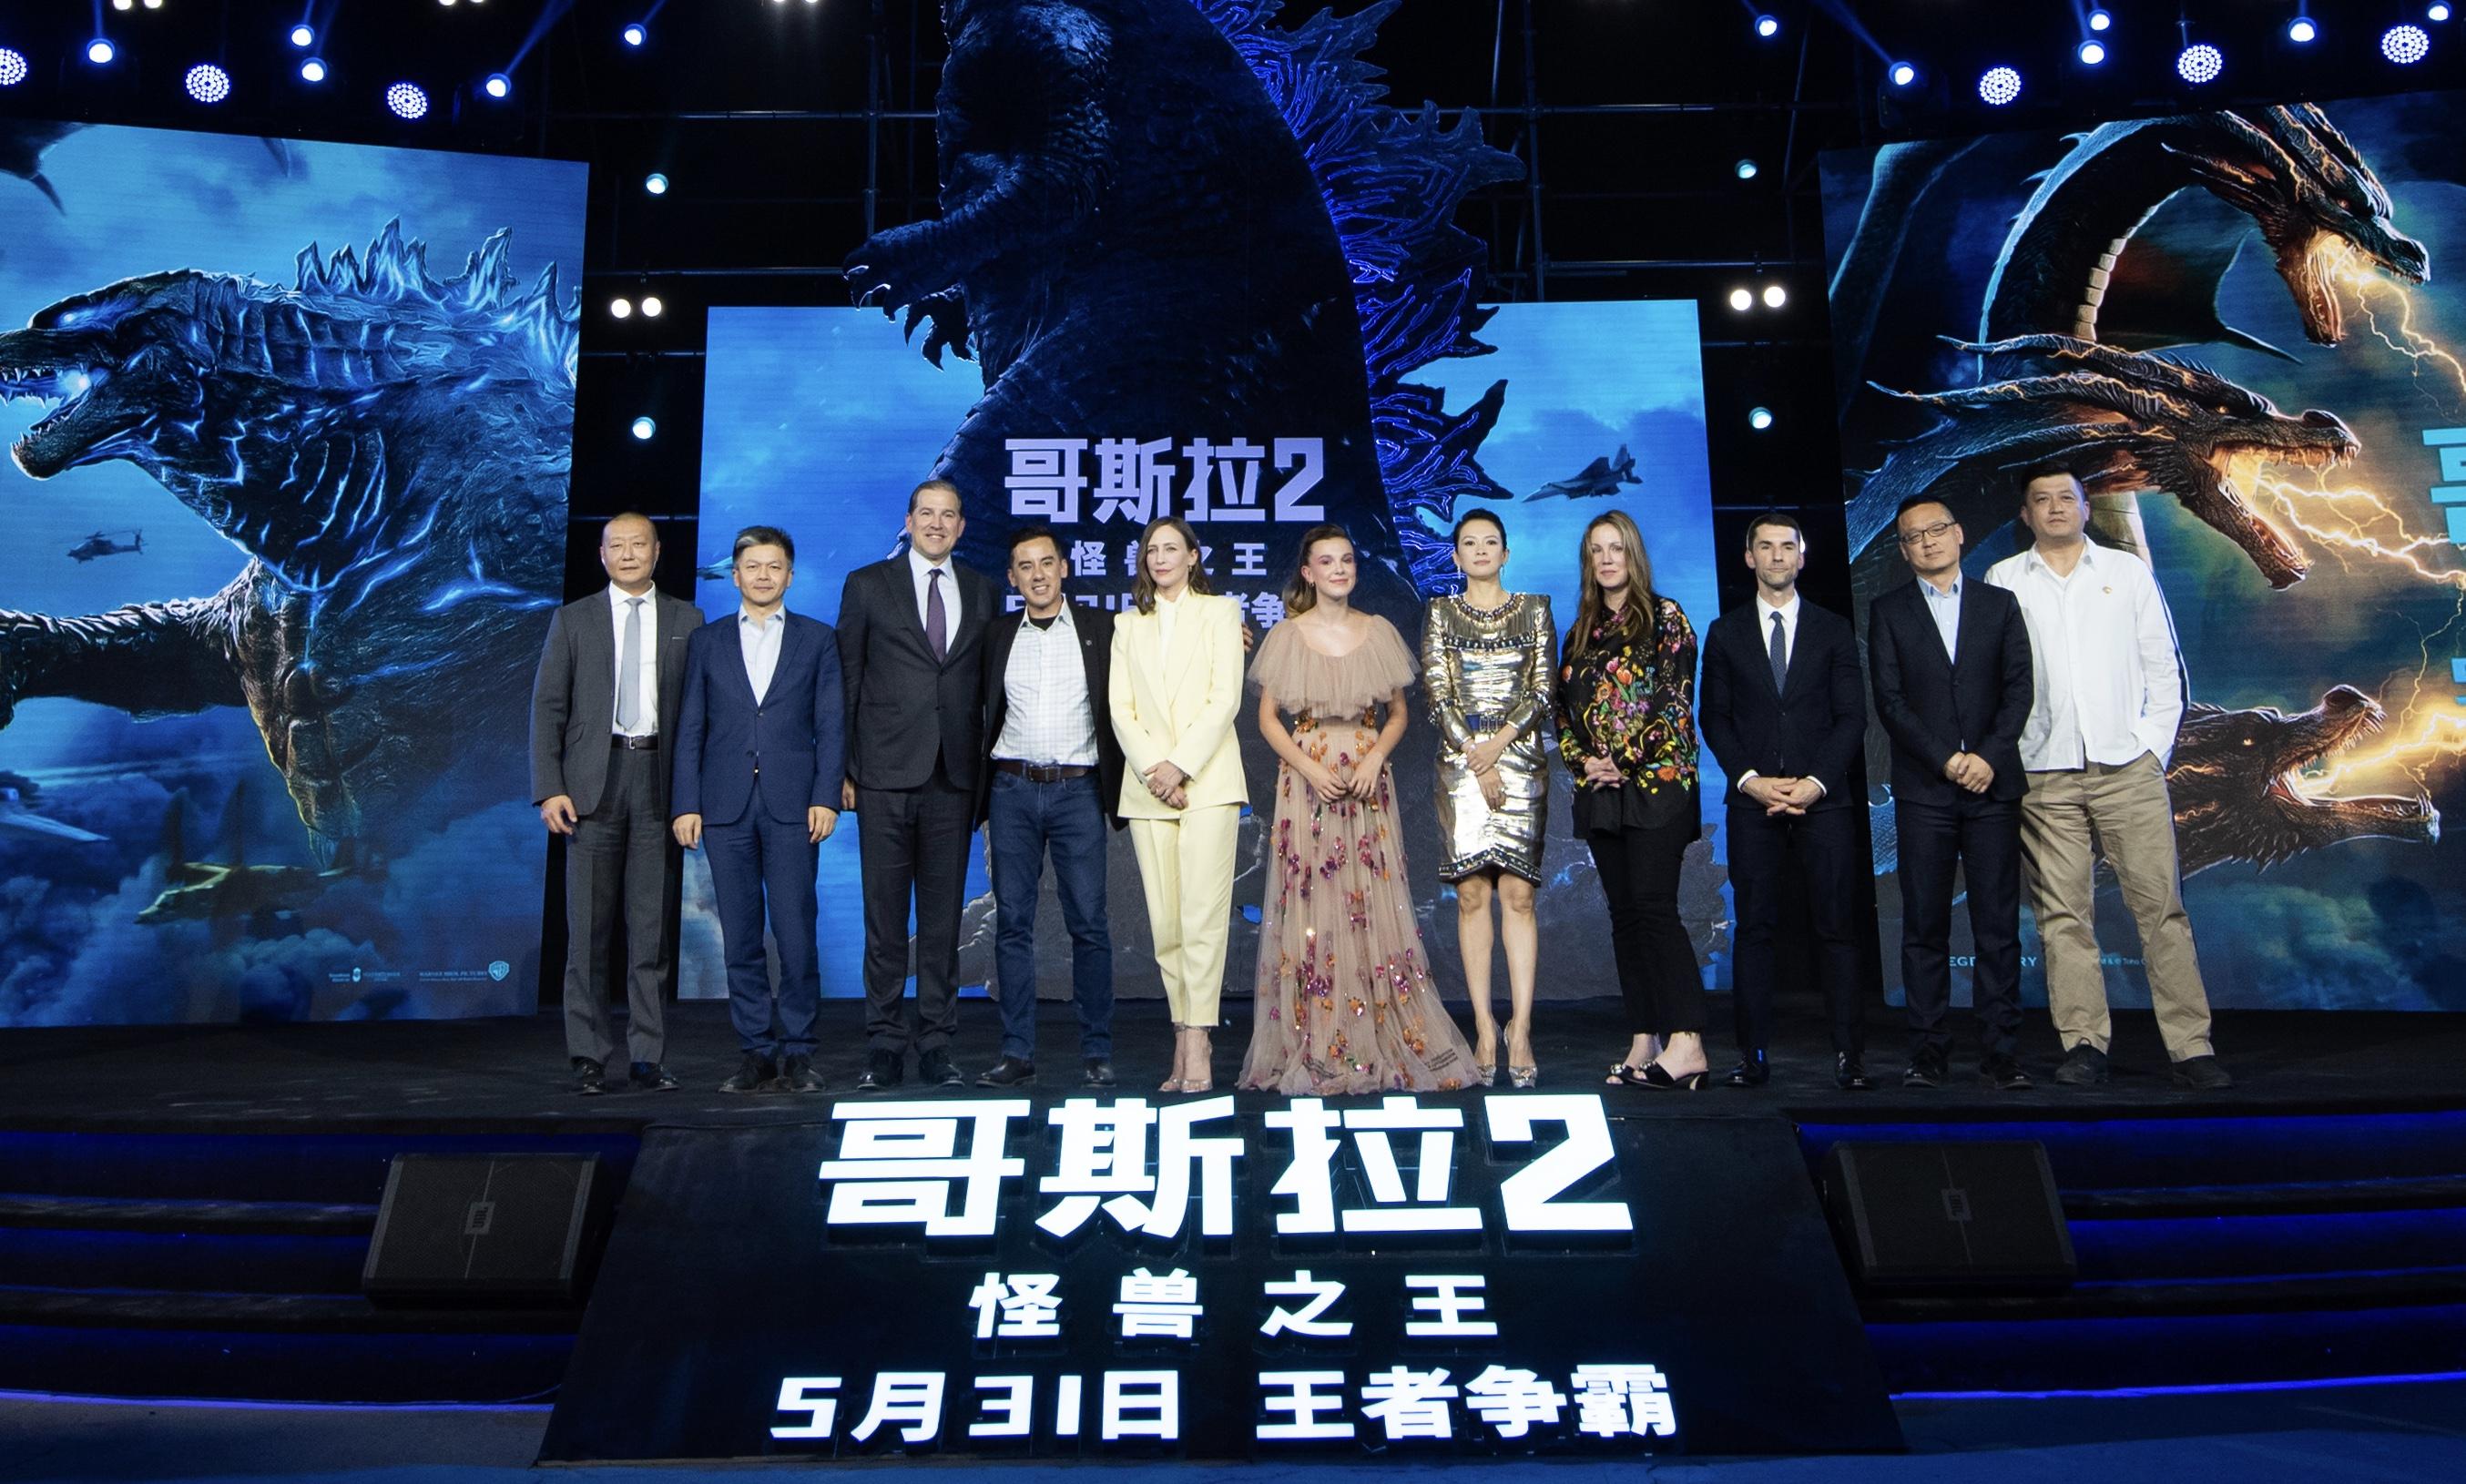 传奇影业《哥斯拉2:怪兽之王》举办中国首映礼